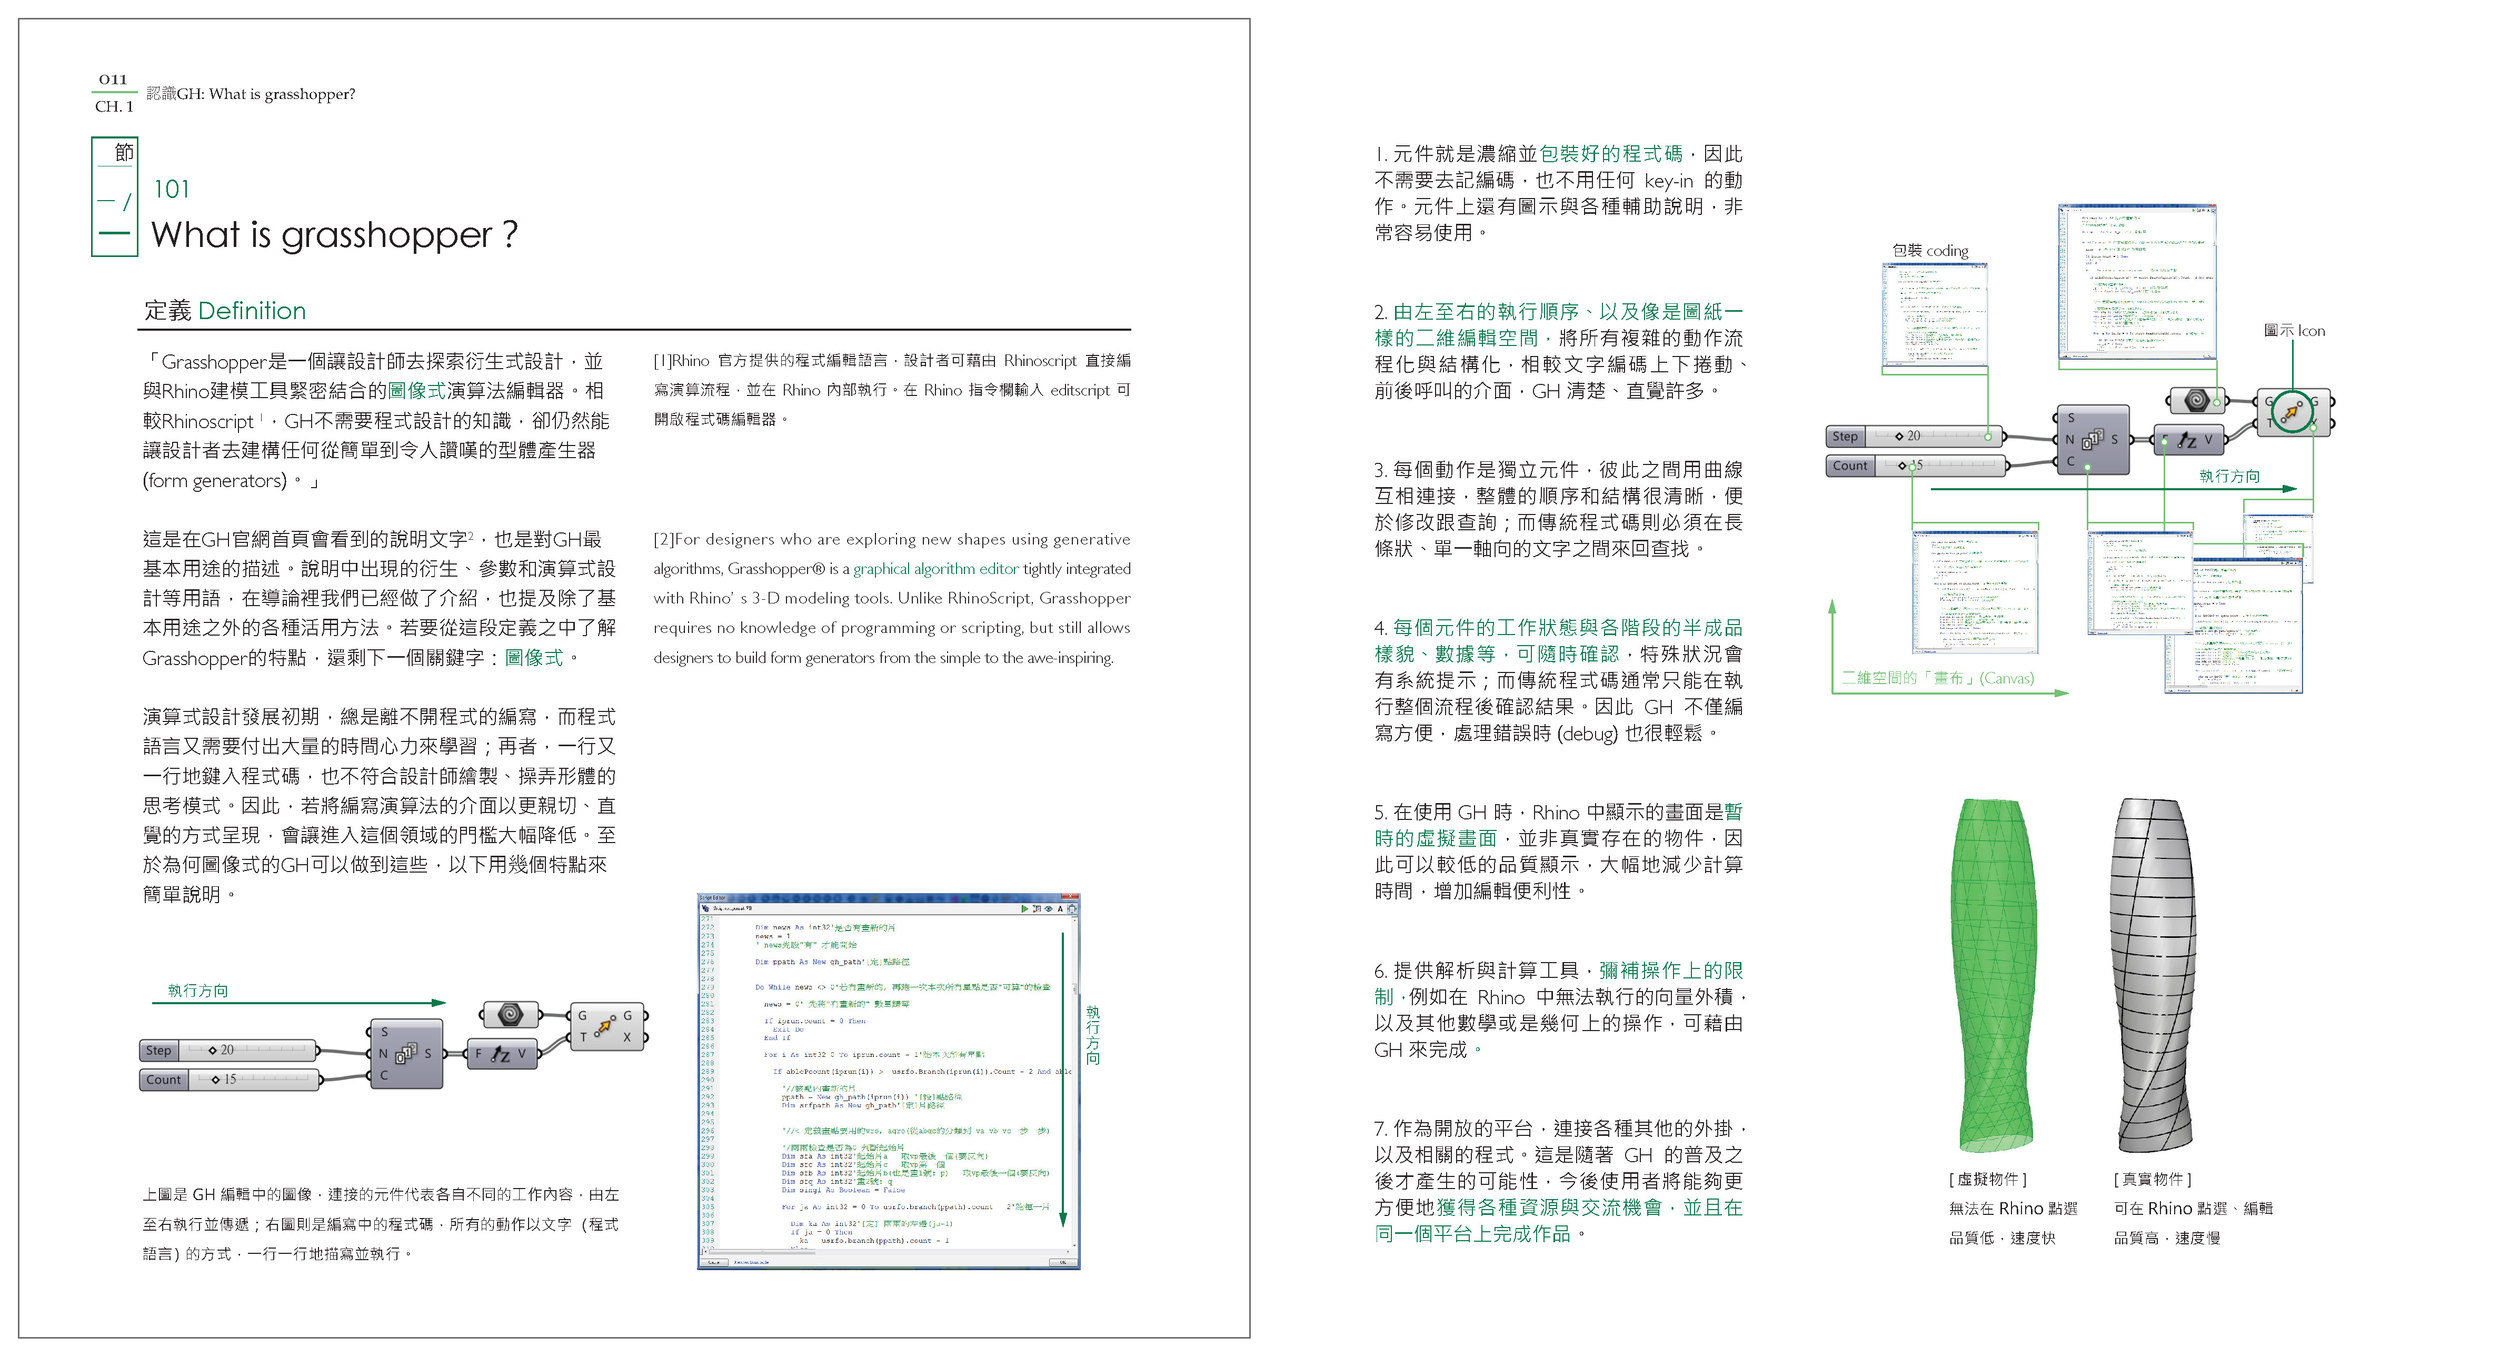 samples__Page_05.jpg